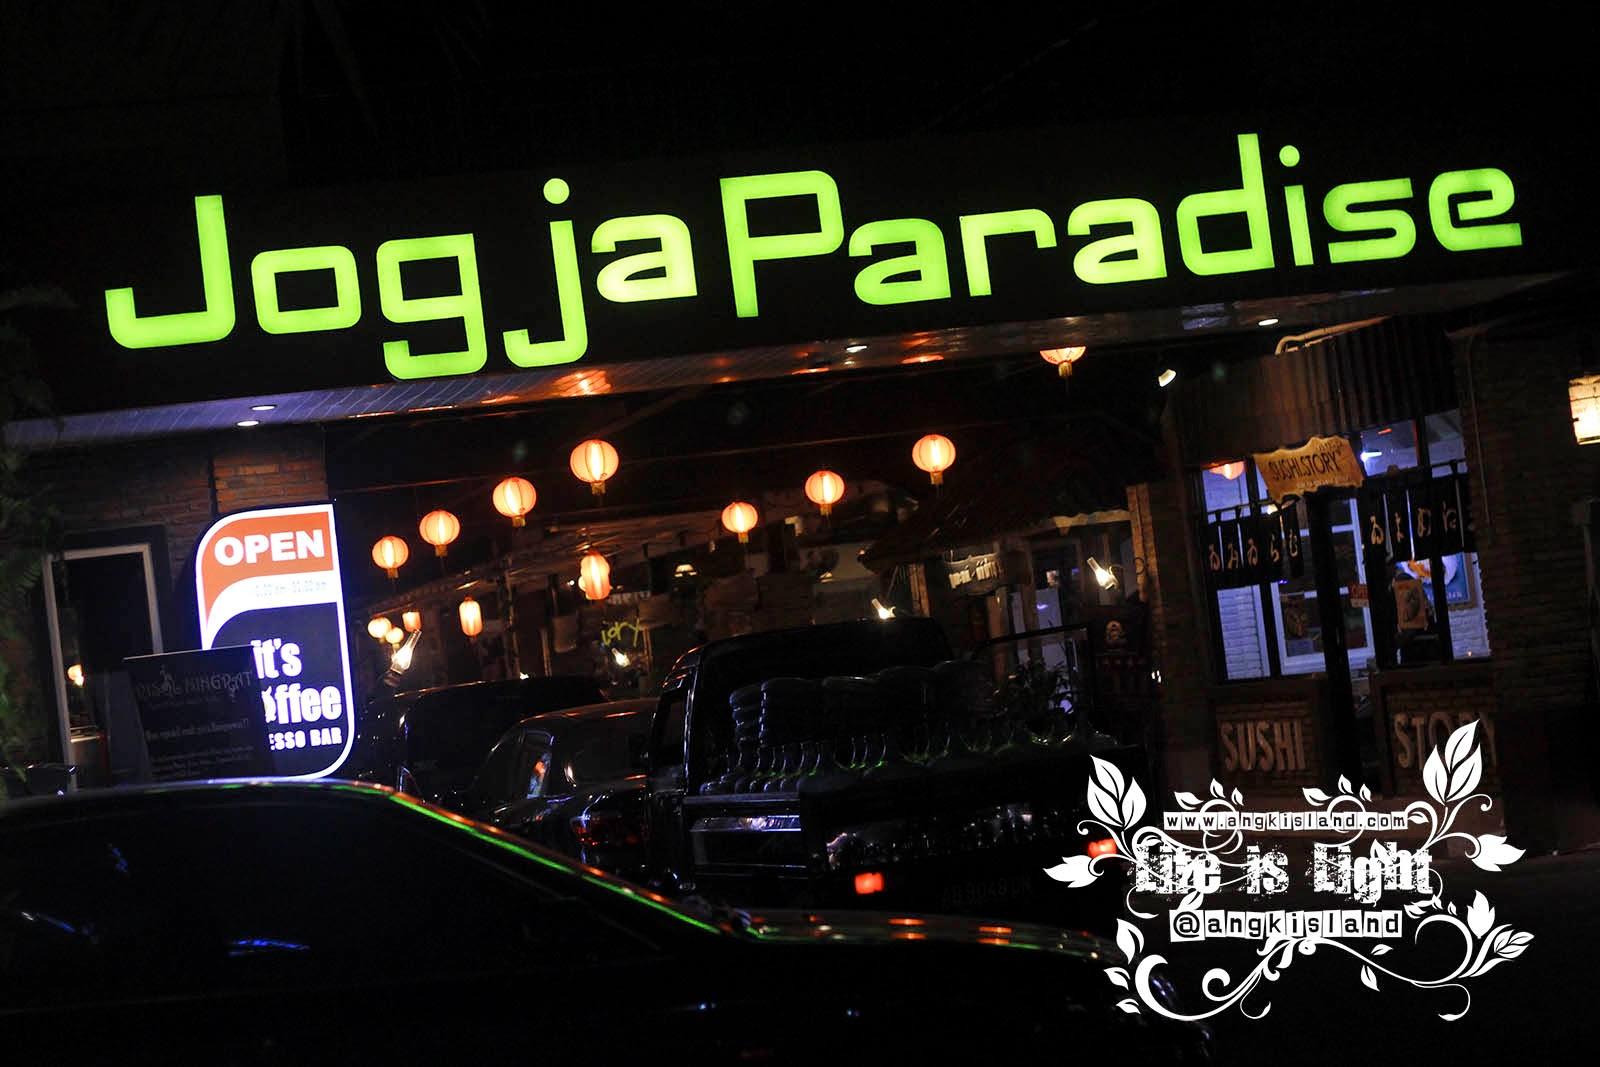 jogja Paradise jalan magelang